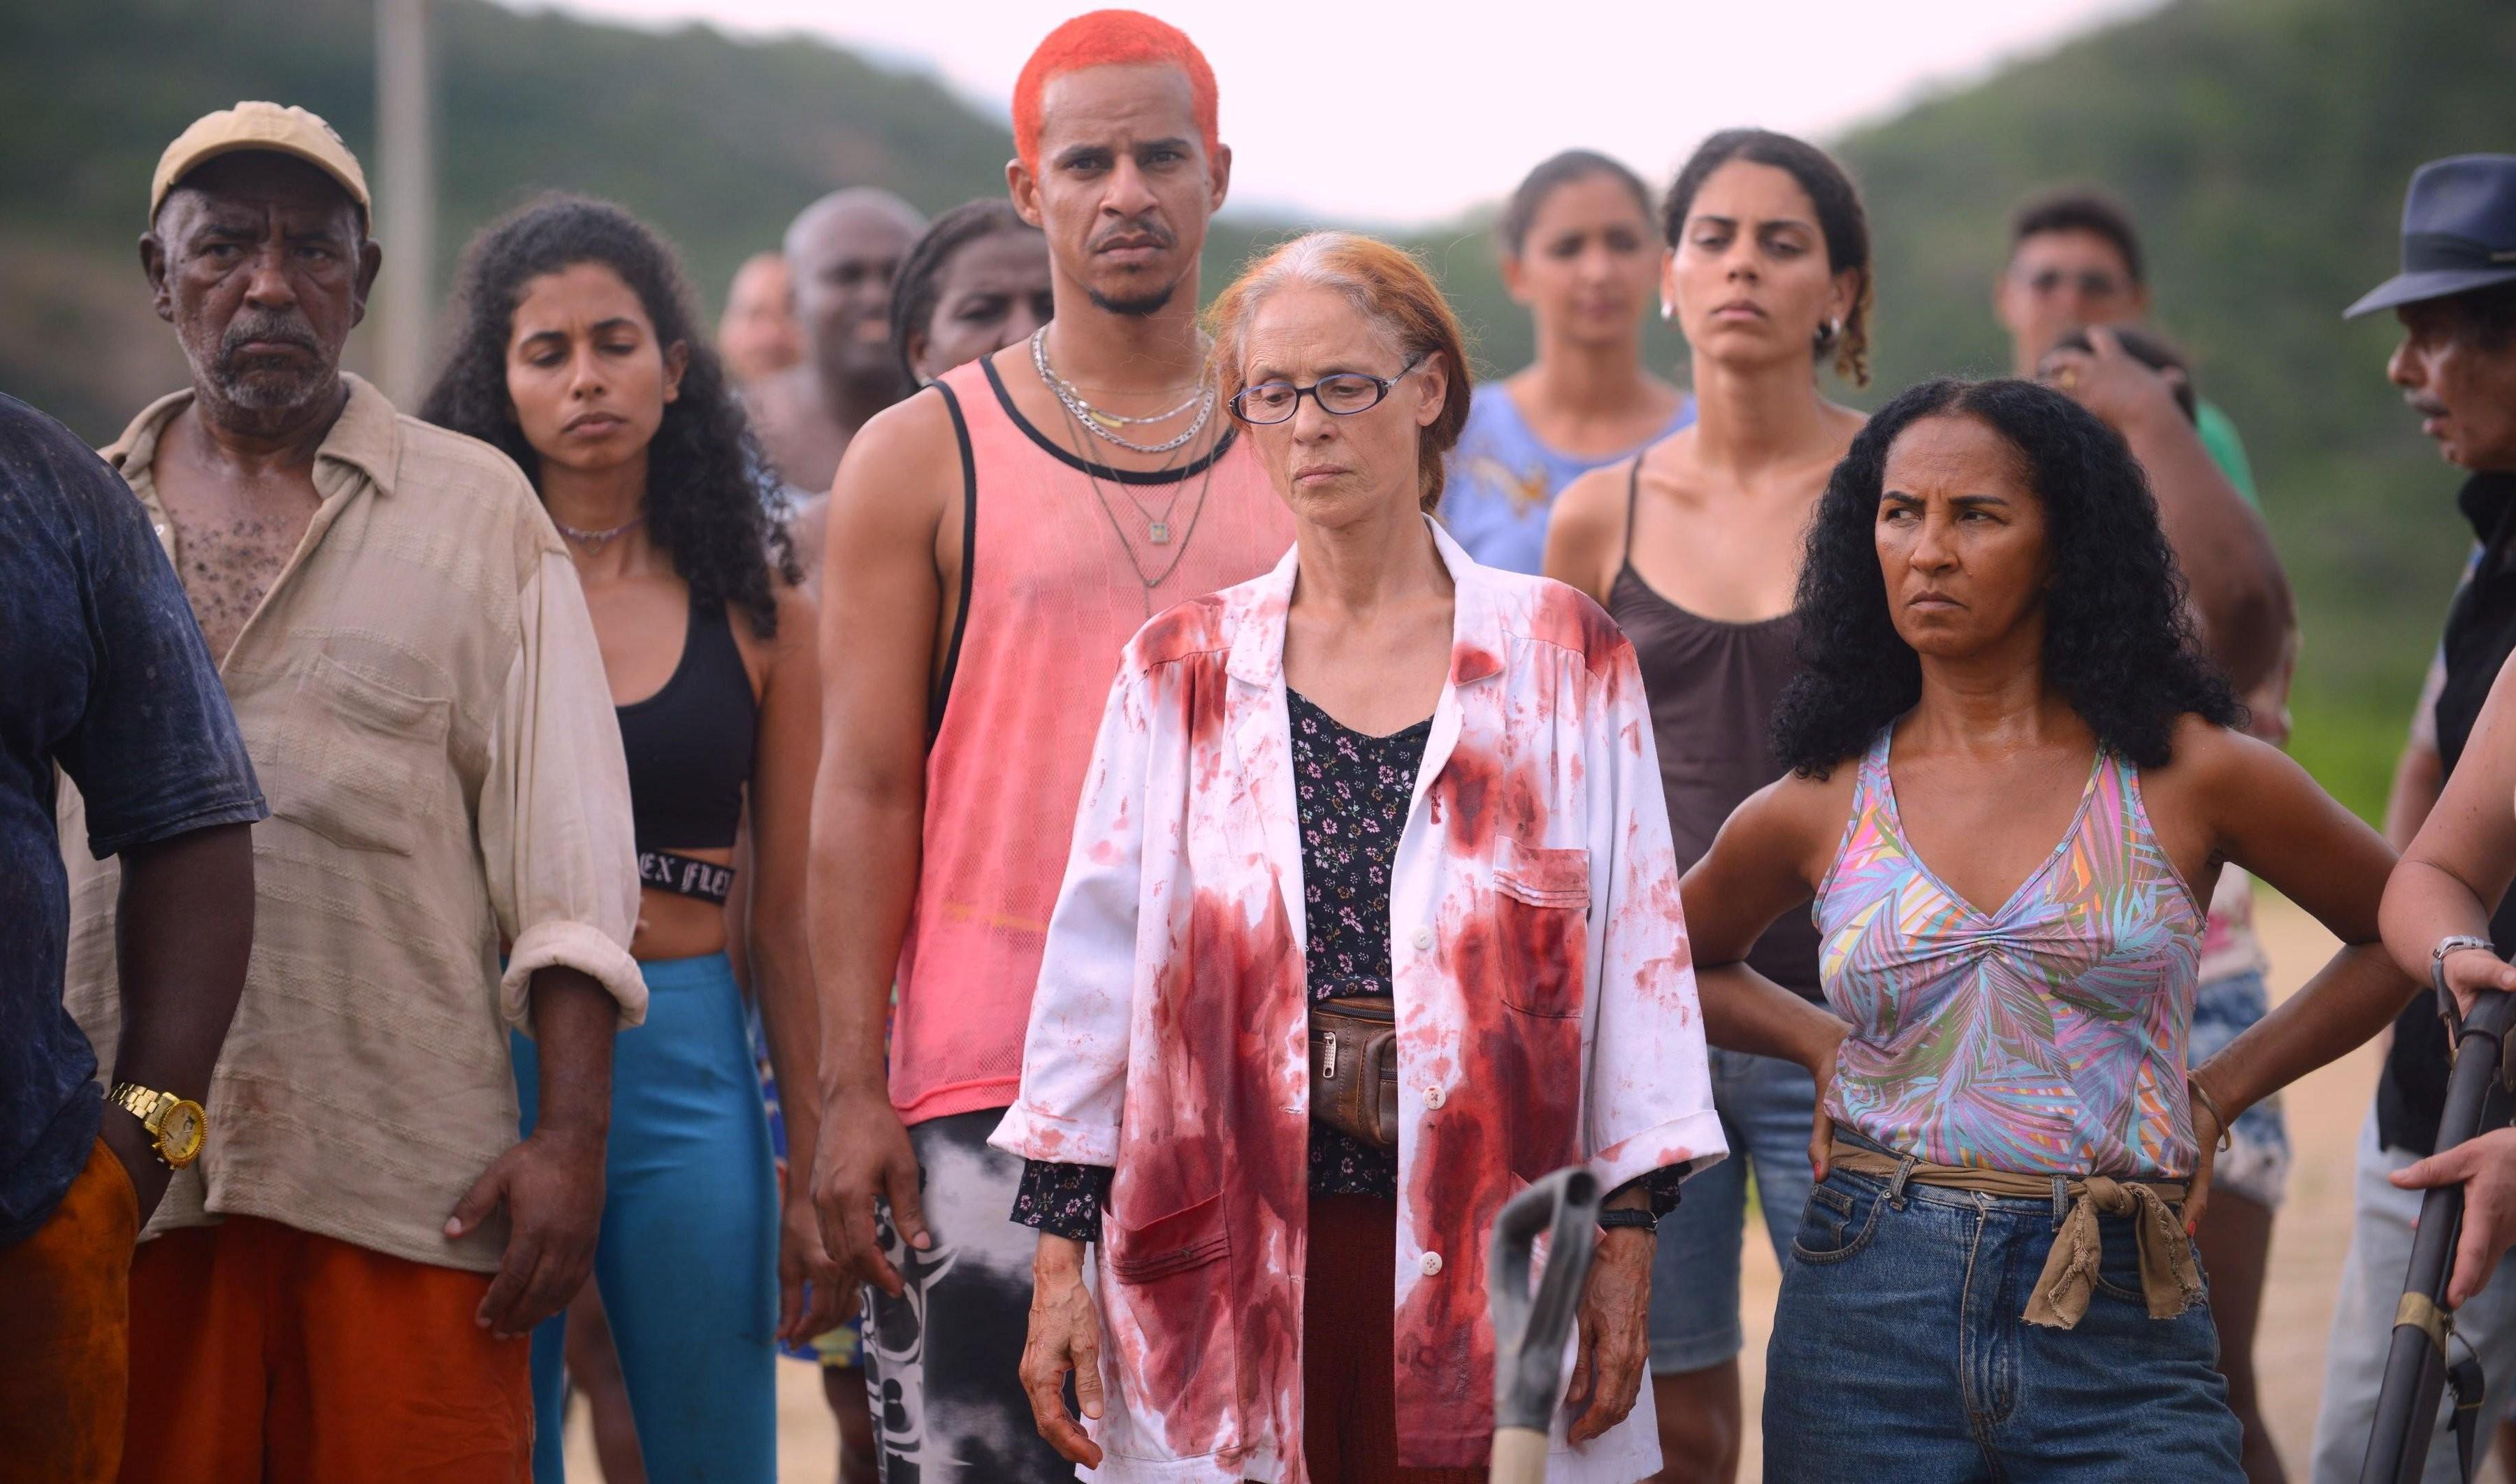 'Bacurau' brinca com gêneros e expectativas em crônica violenta e sarcástica; G1 já viu - Notícias - Plantão Diário